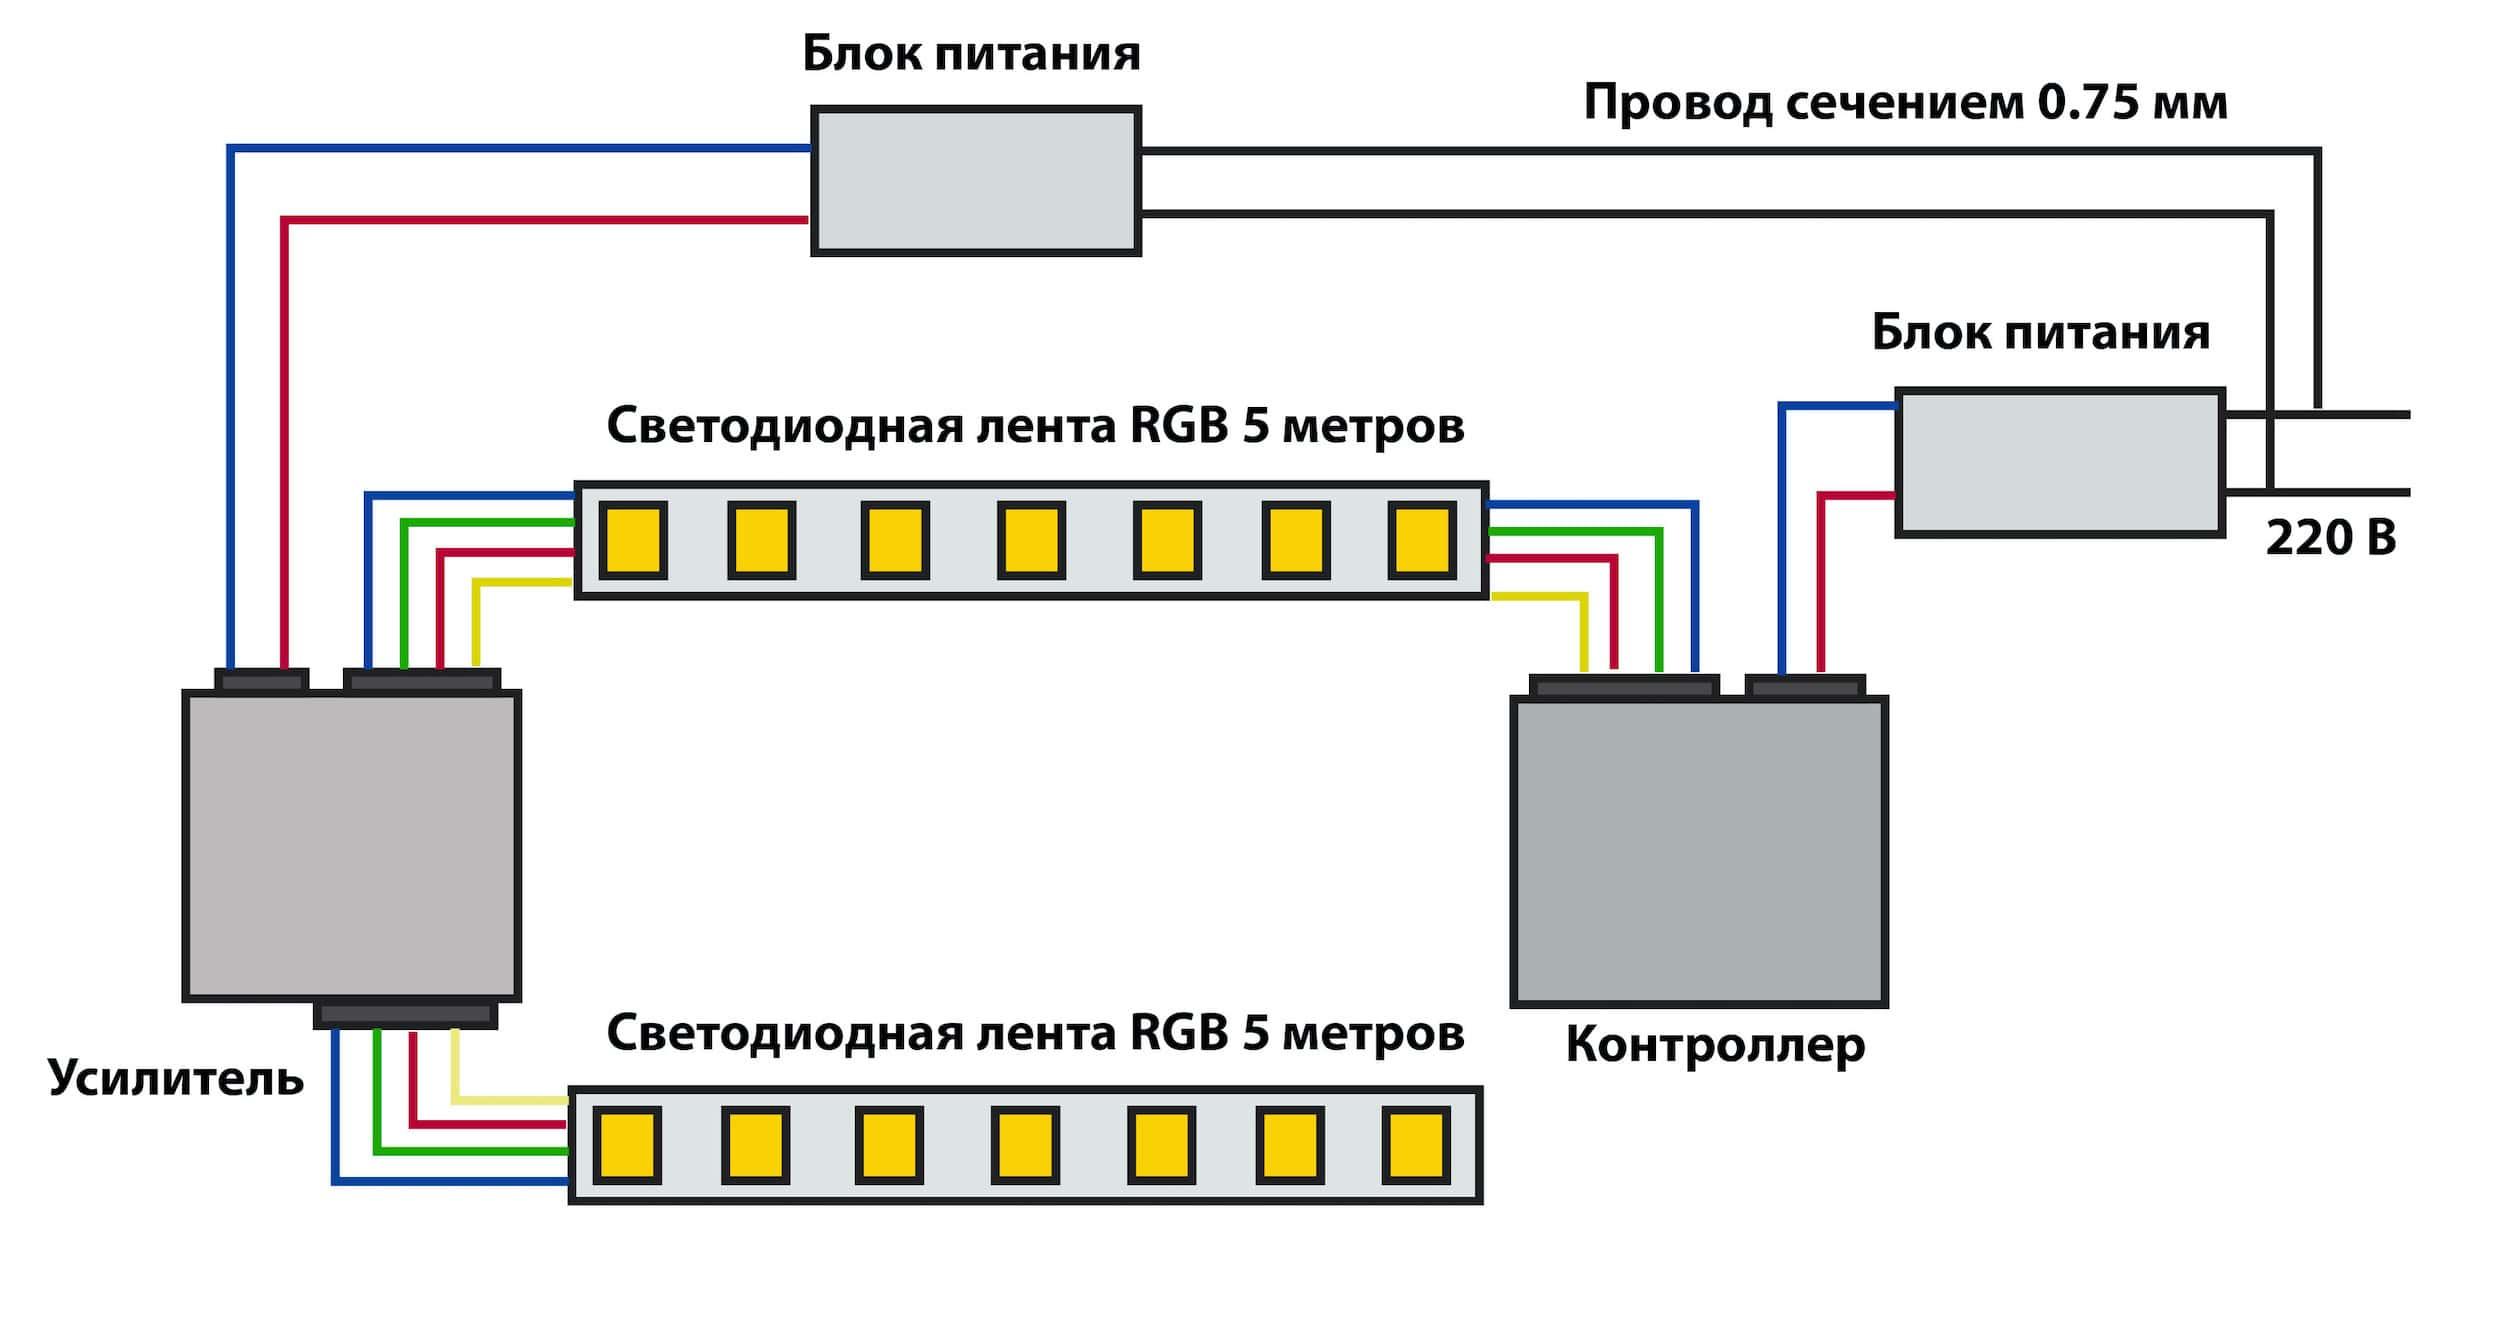 5 метрлік лента контроллеріне қосылу диаграммасы